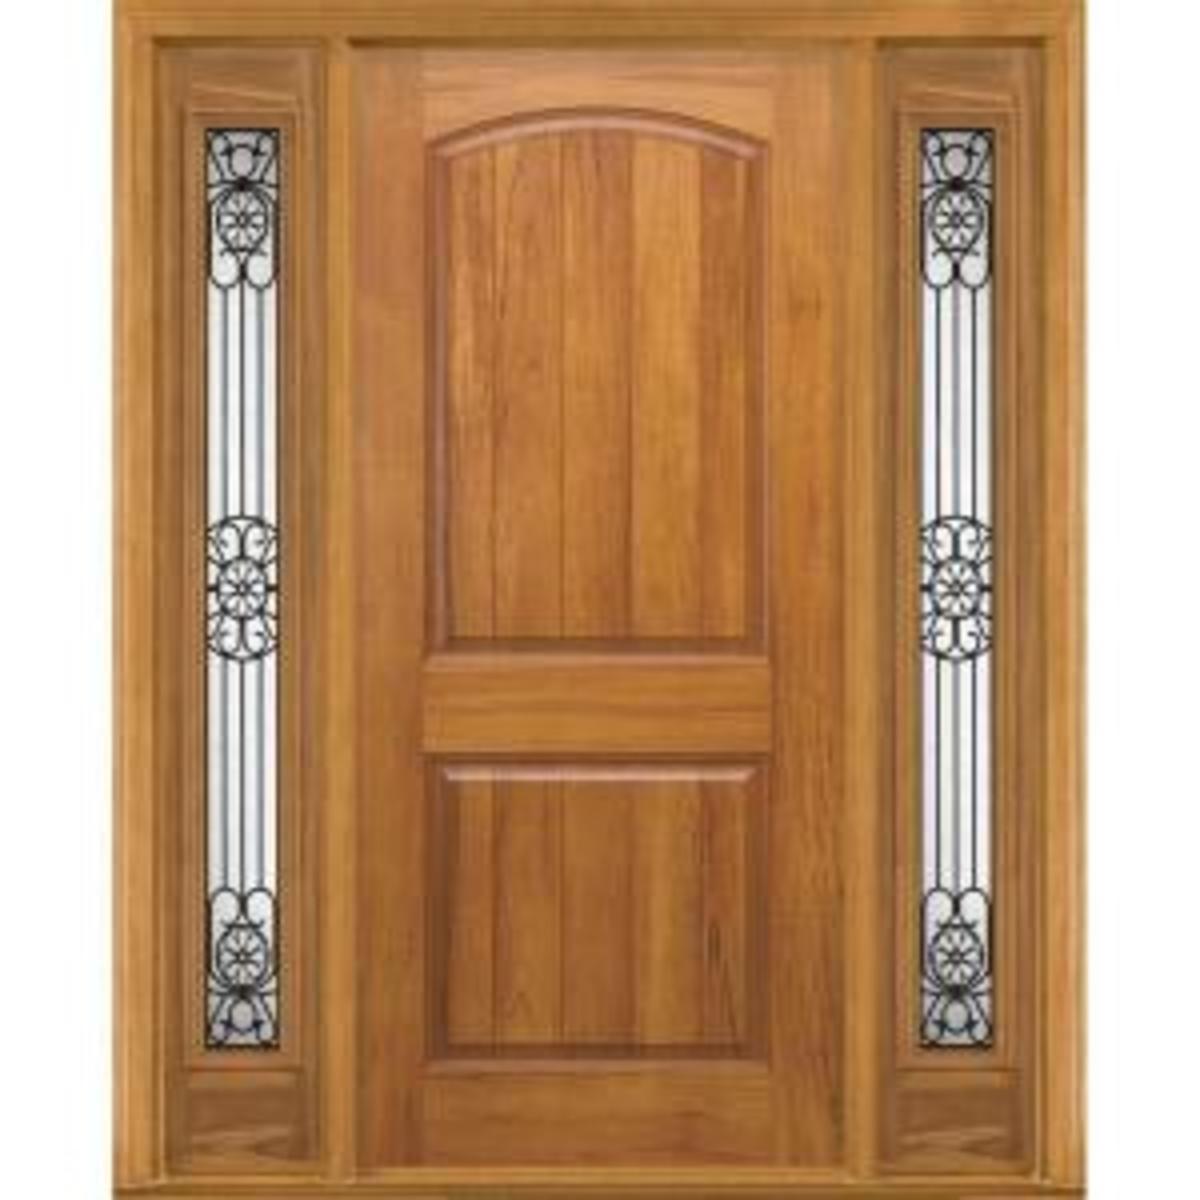 Fiberglass Spanish Cedar Homedepot.com